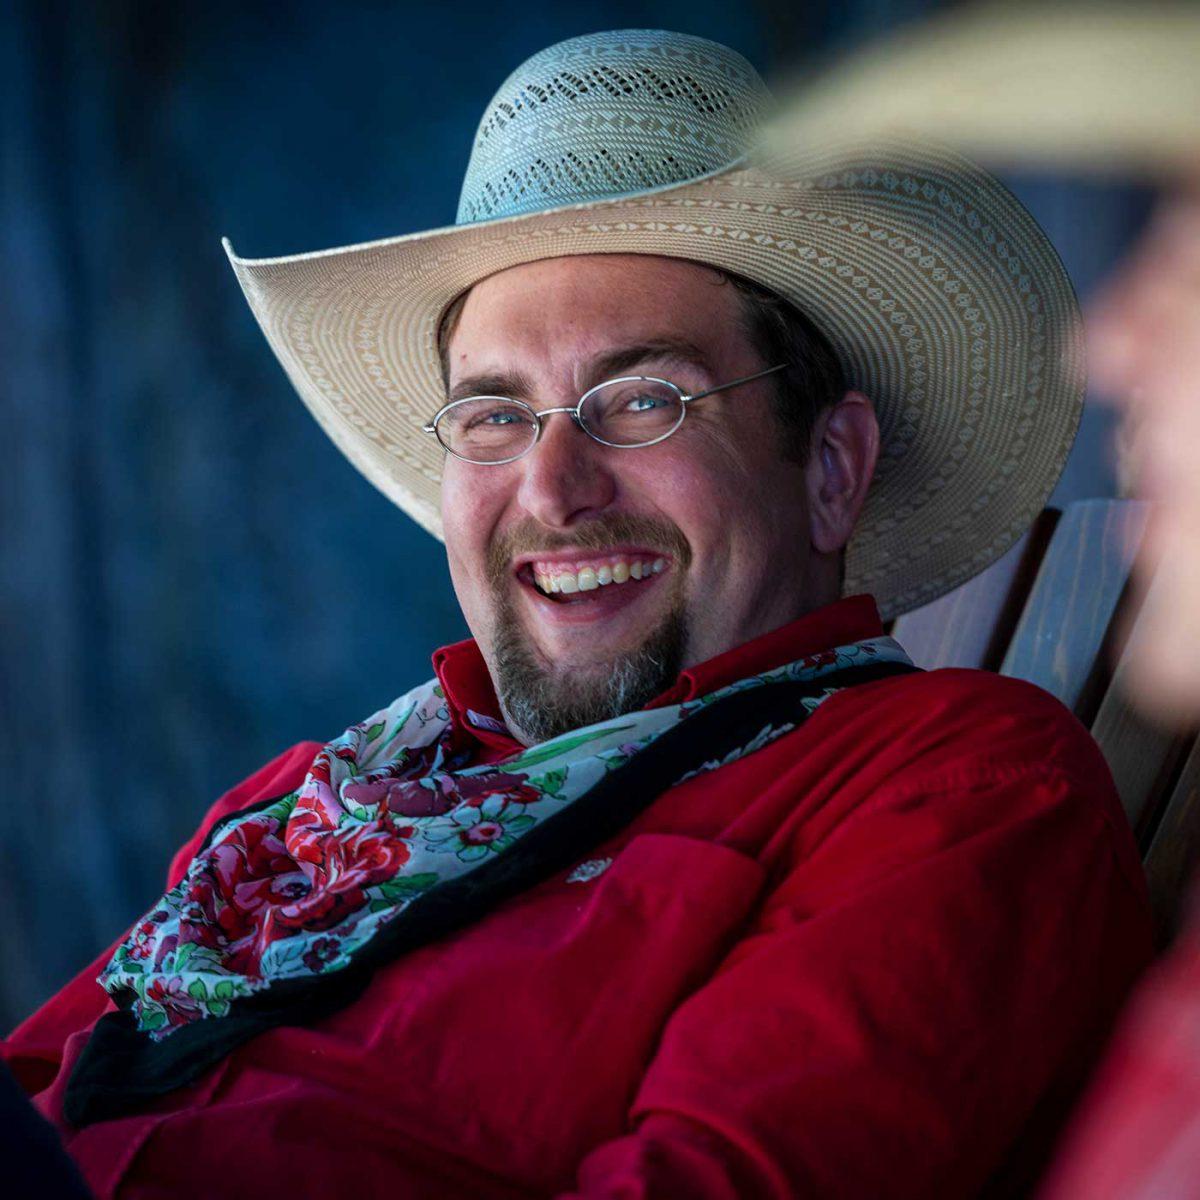 Josh - Head Wrangler at Greenhorn Ranch